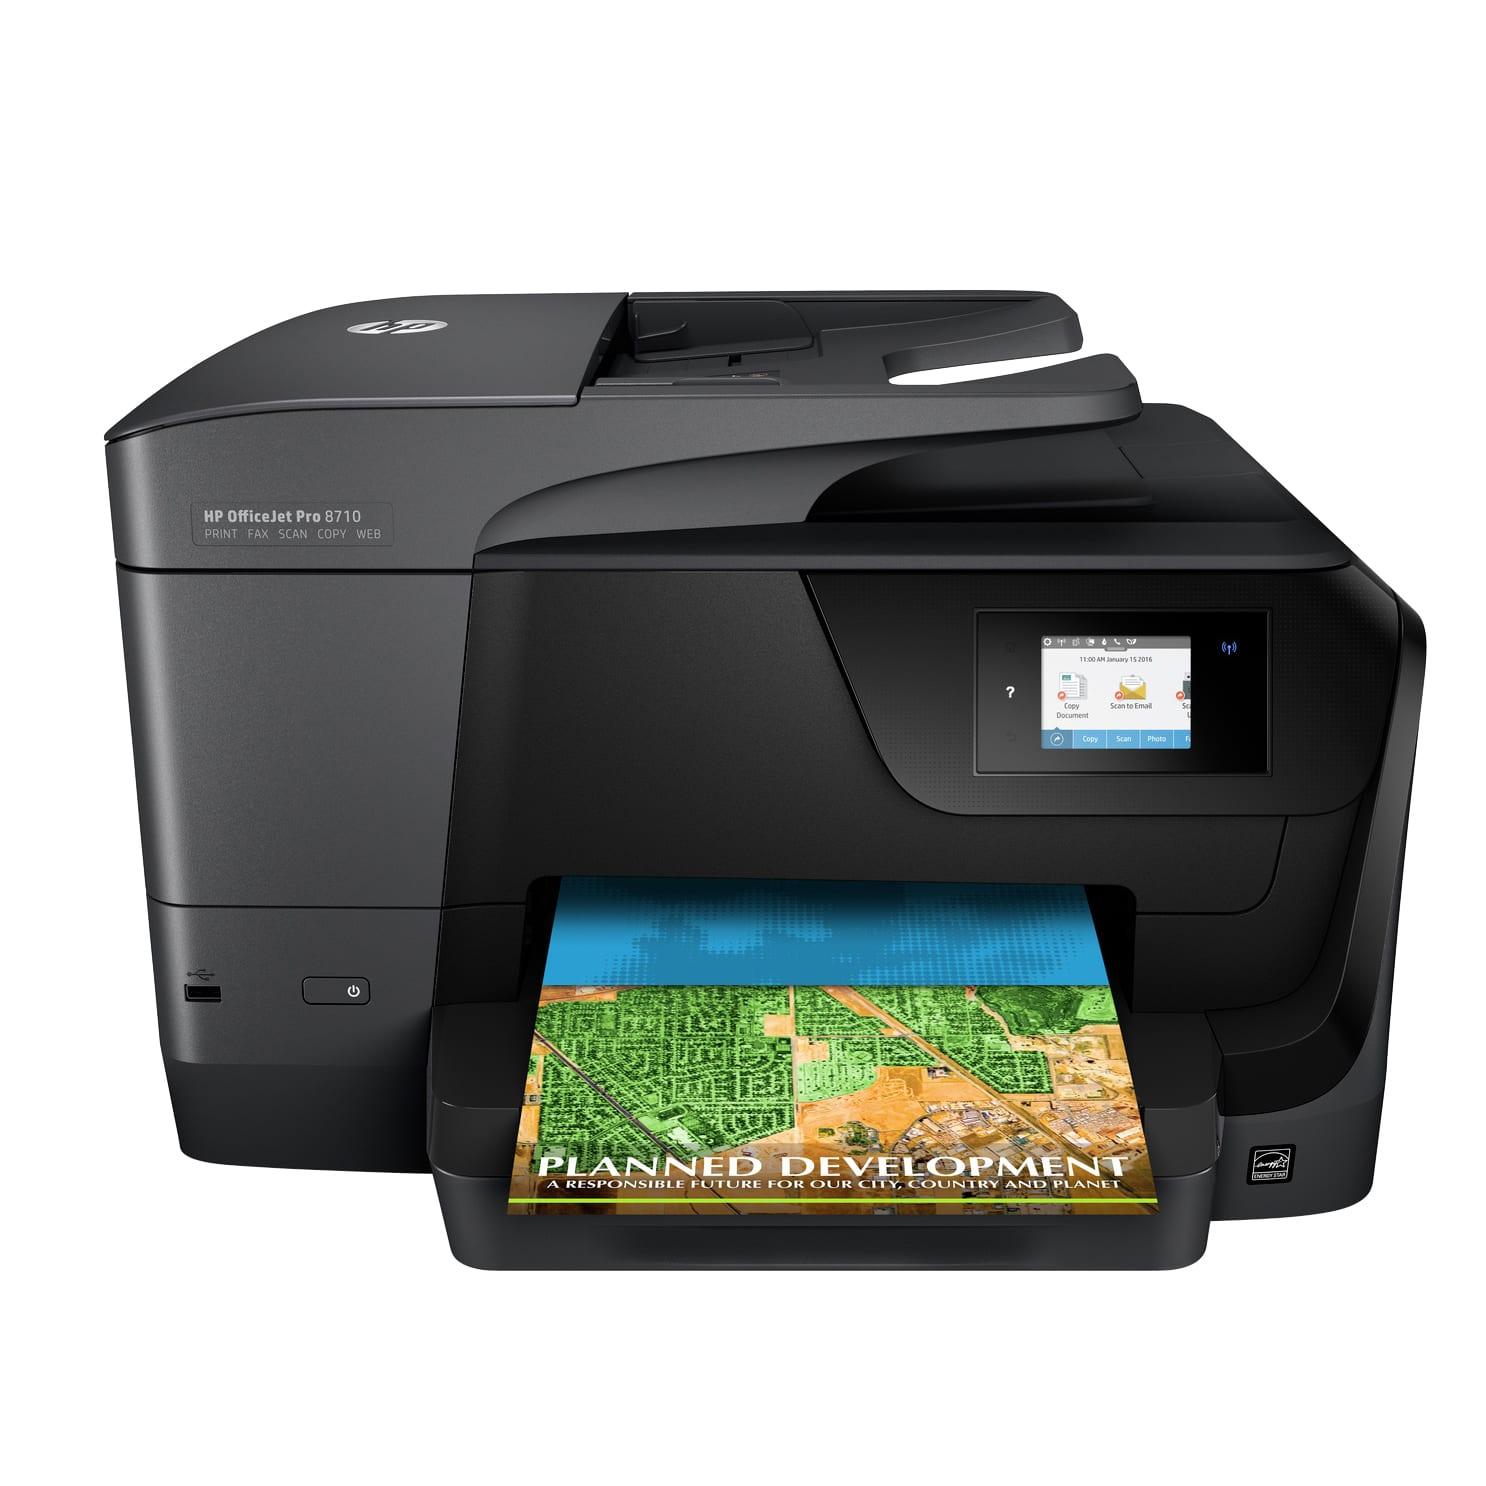 HP OfficeJet Pro 8710 Inkjet All-in-One Wireless Printer